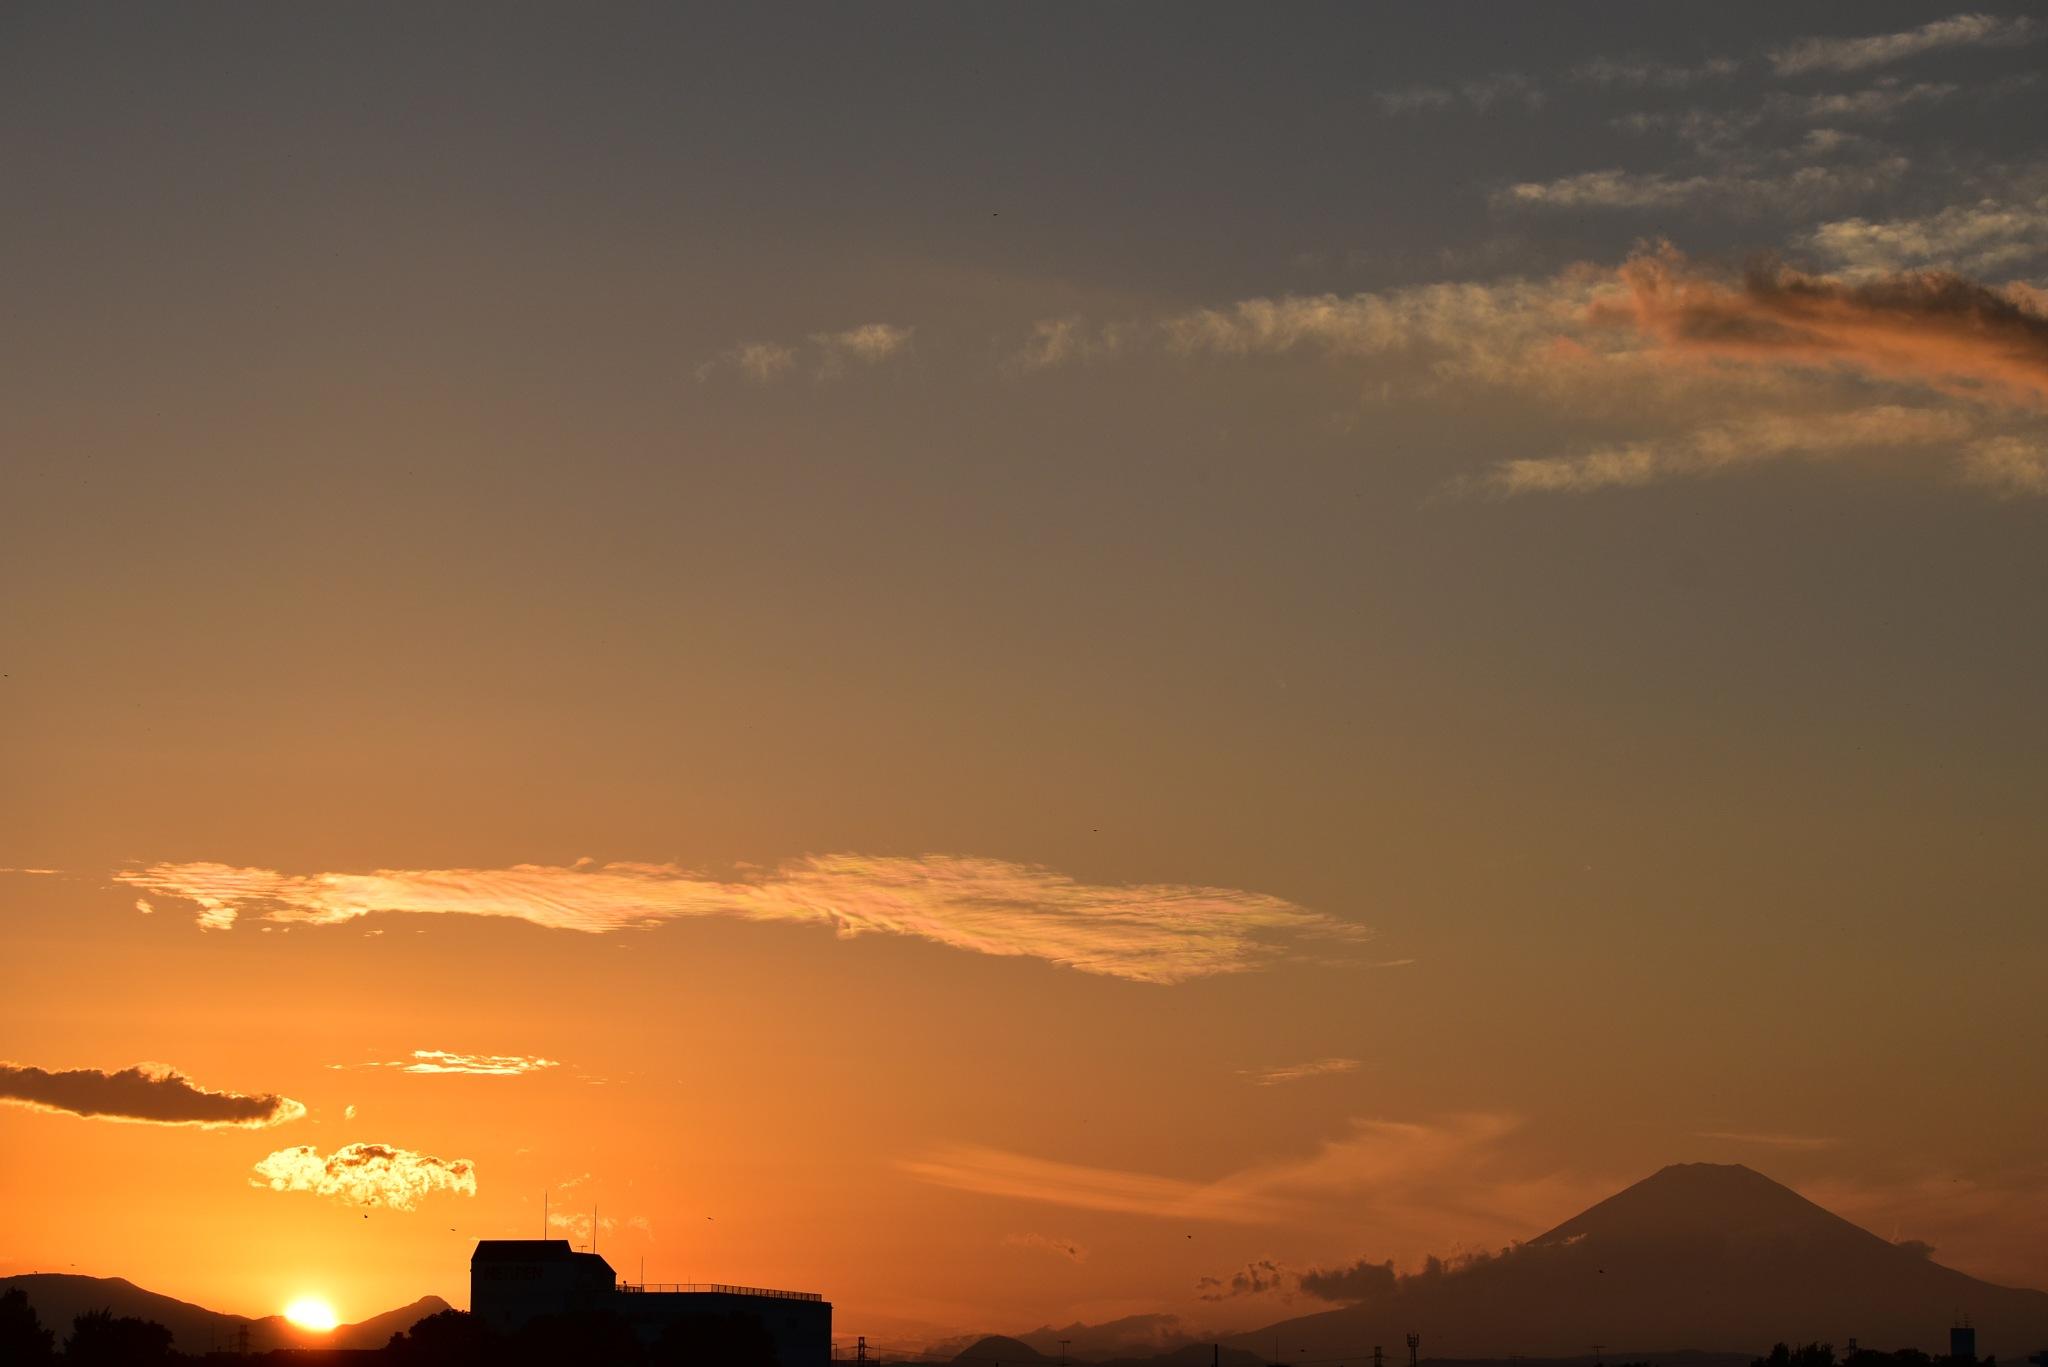 夕焼け富士山 by kumikoxinye